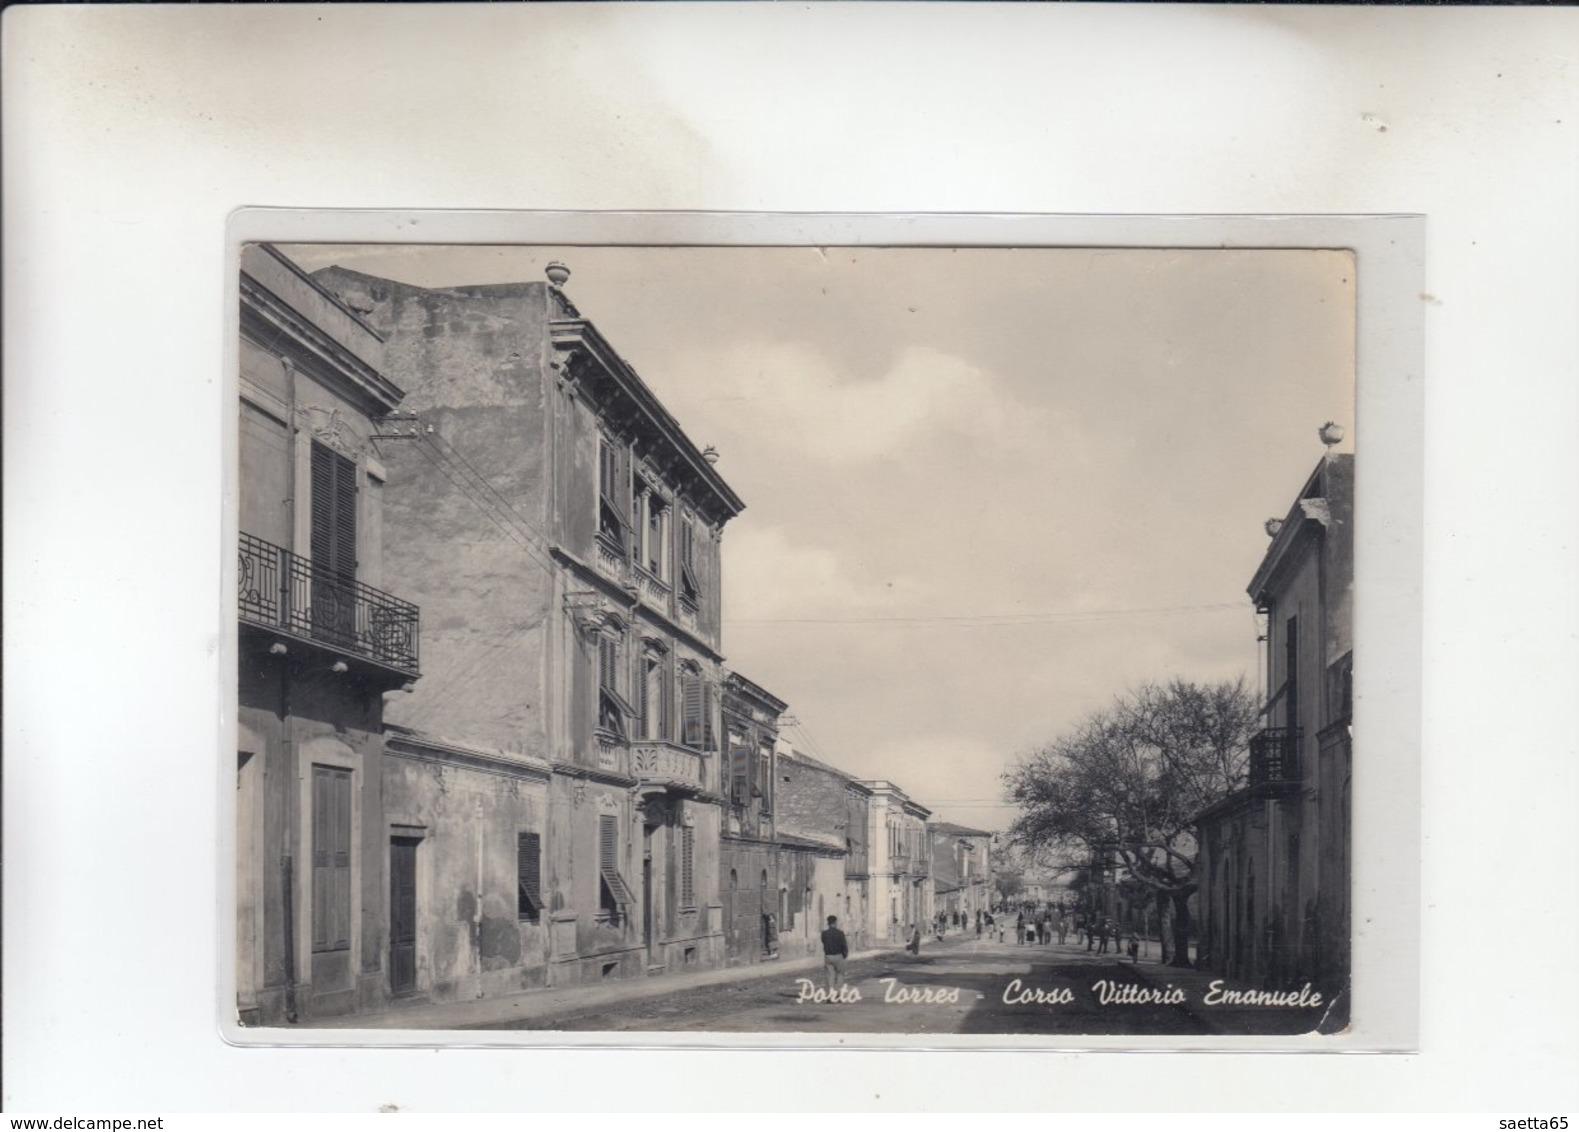 Porto Torres -via - Sassari